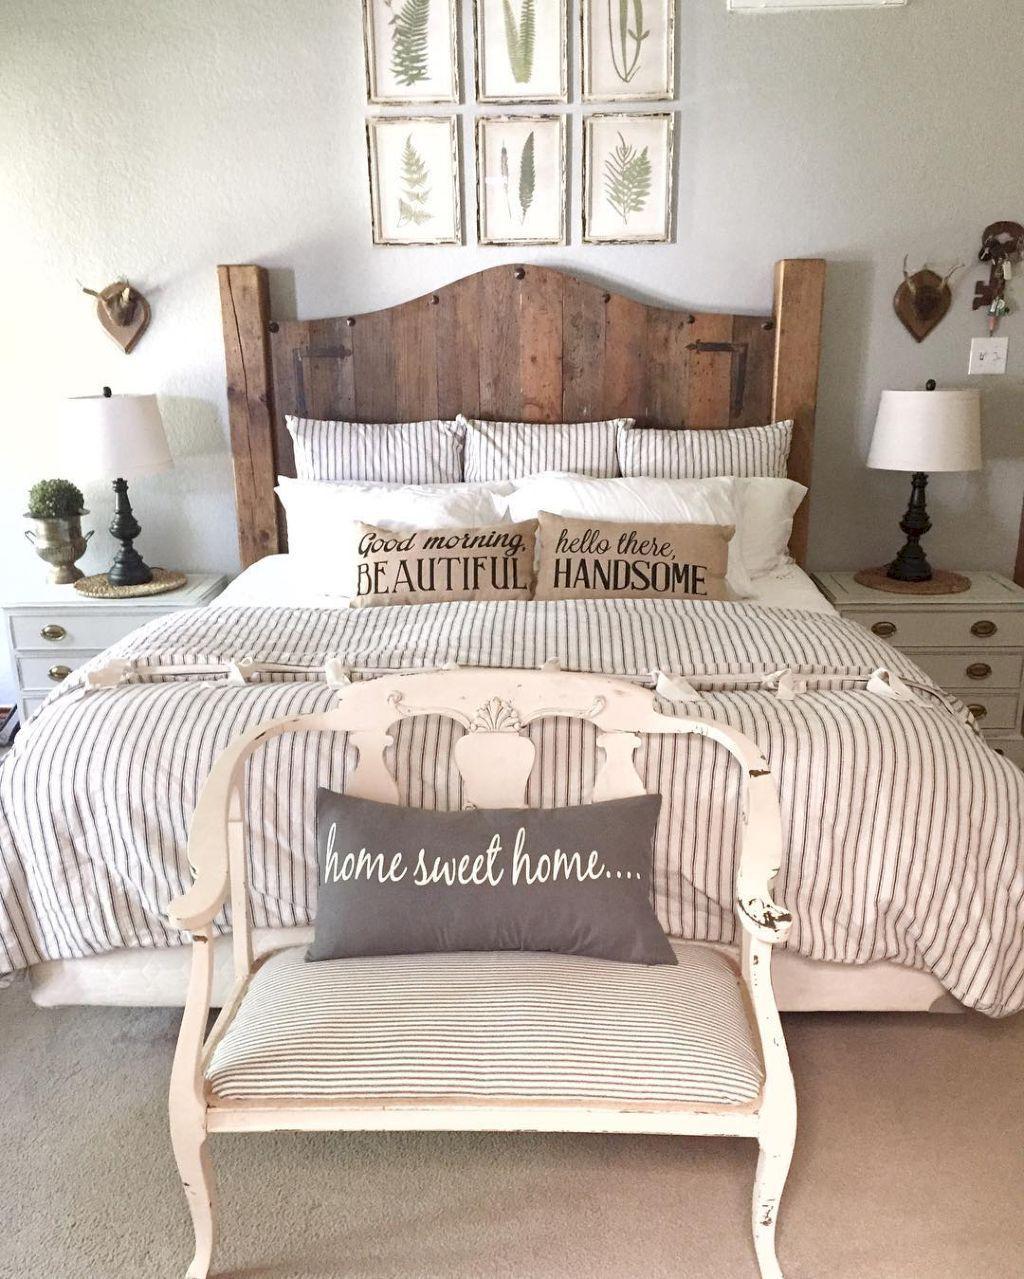 Beau 36 Gorgeous Farmhouse Bedroom Decor Ideas   HomeyLife.com